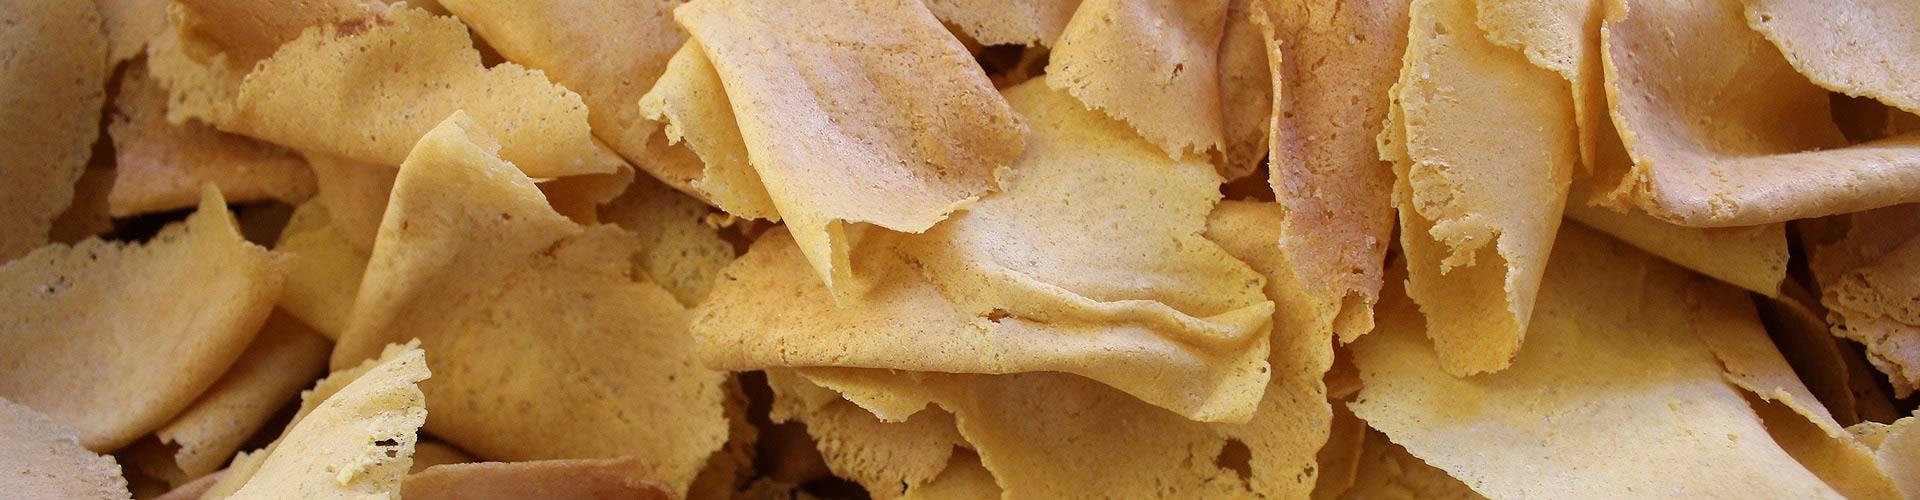 prodotti-del-territorio-di-Lamporecchio-brigidini